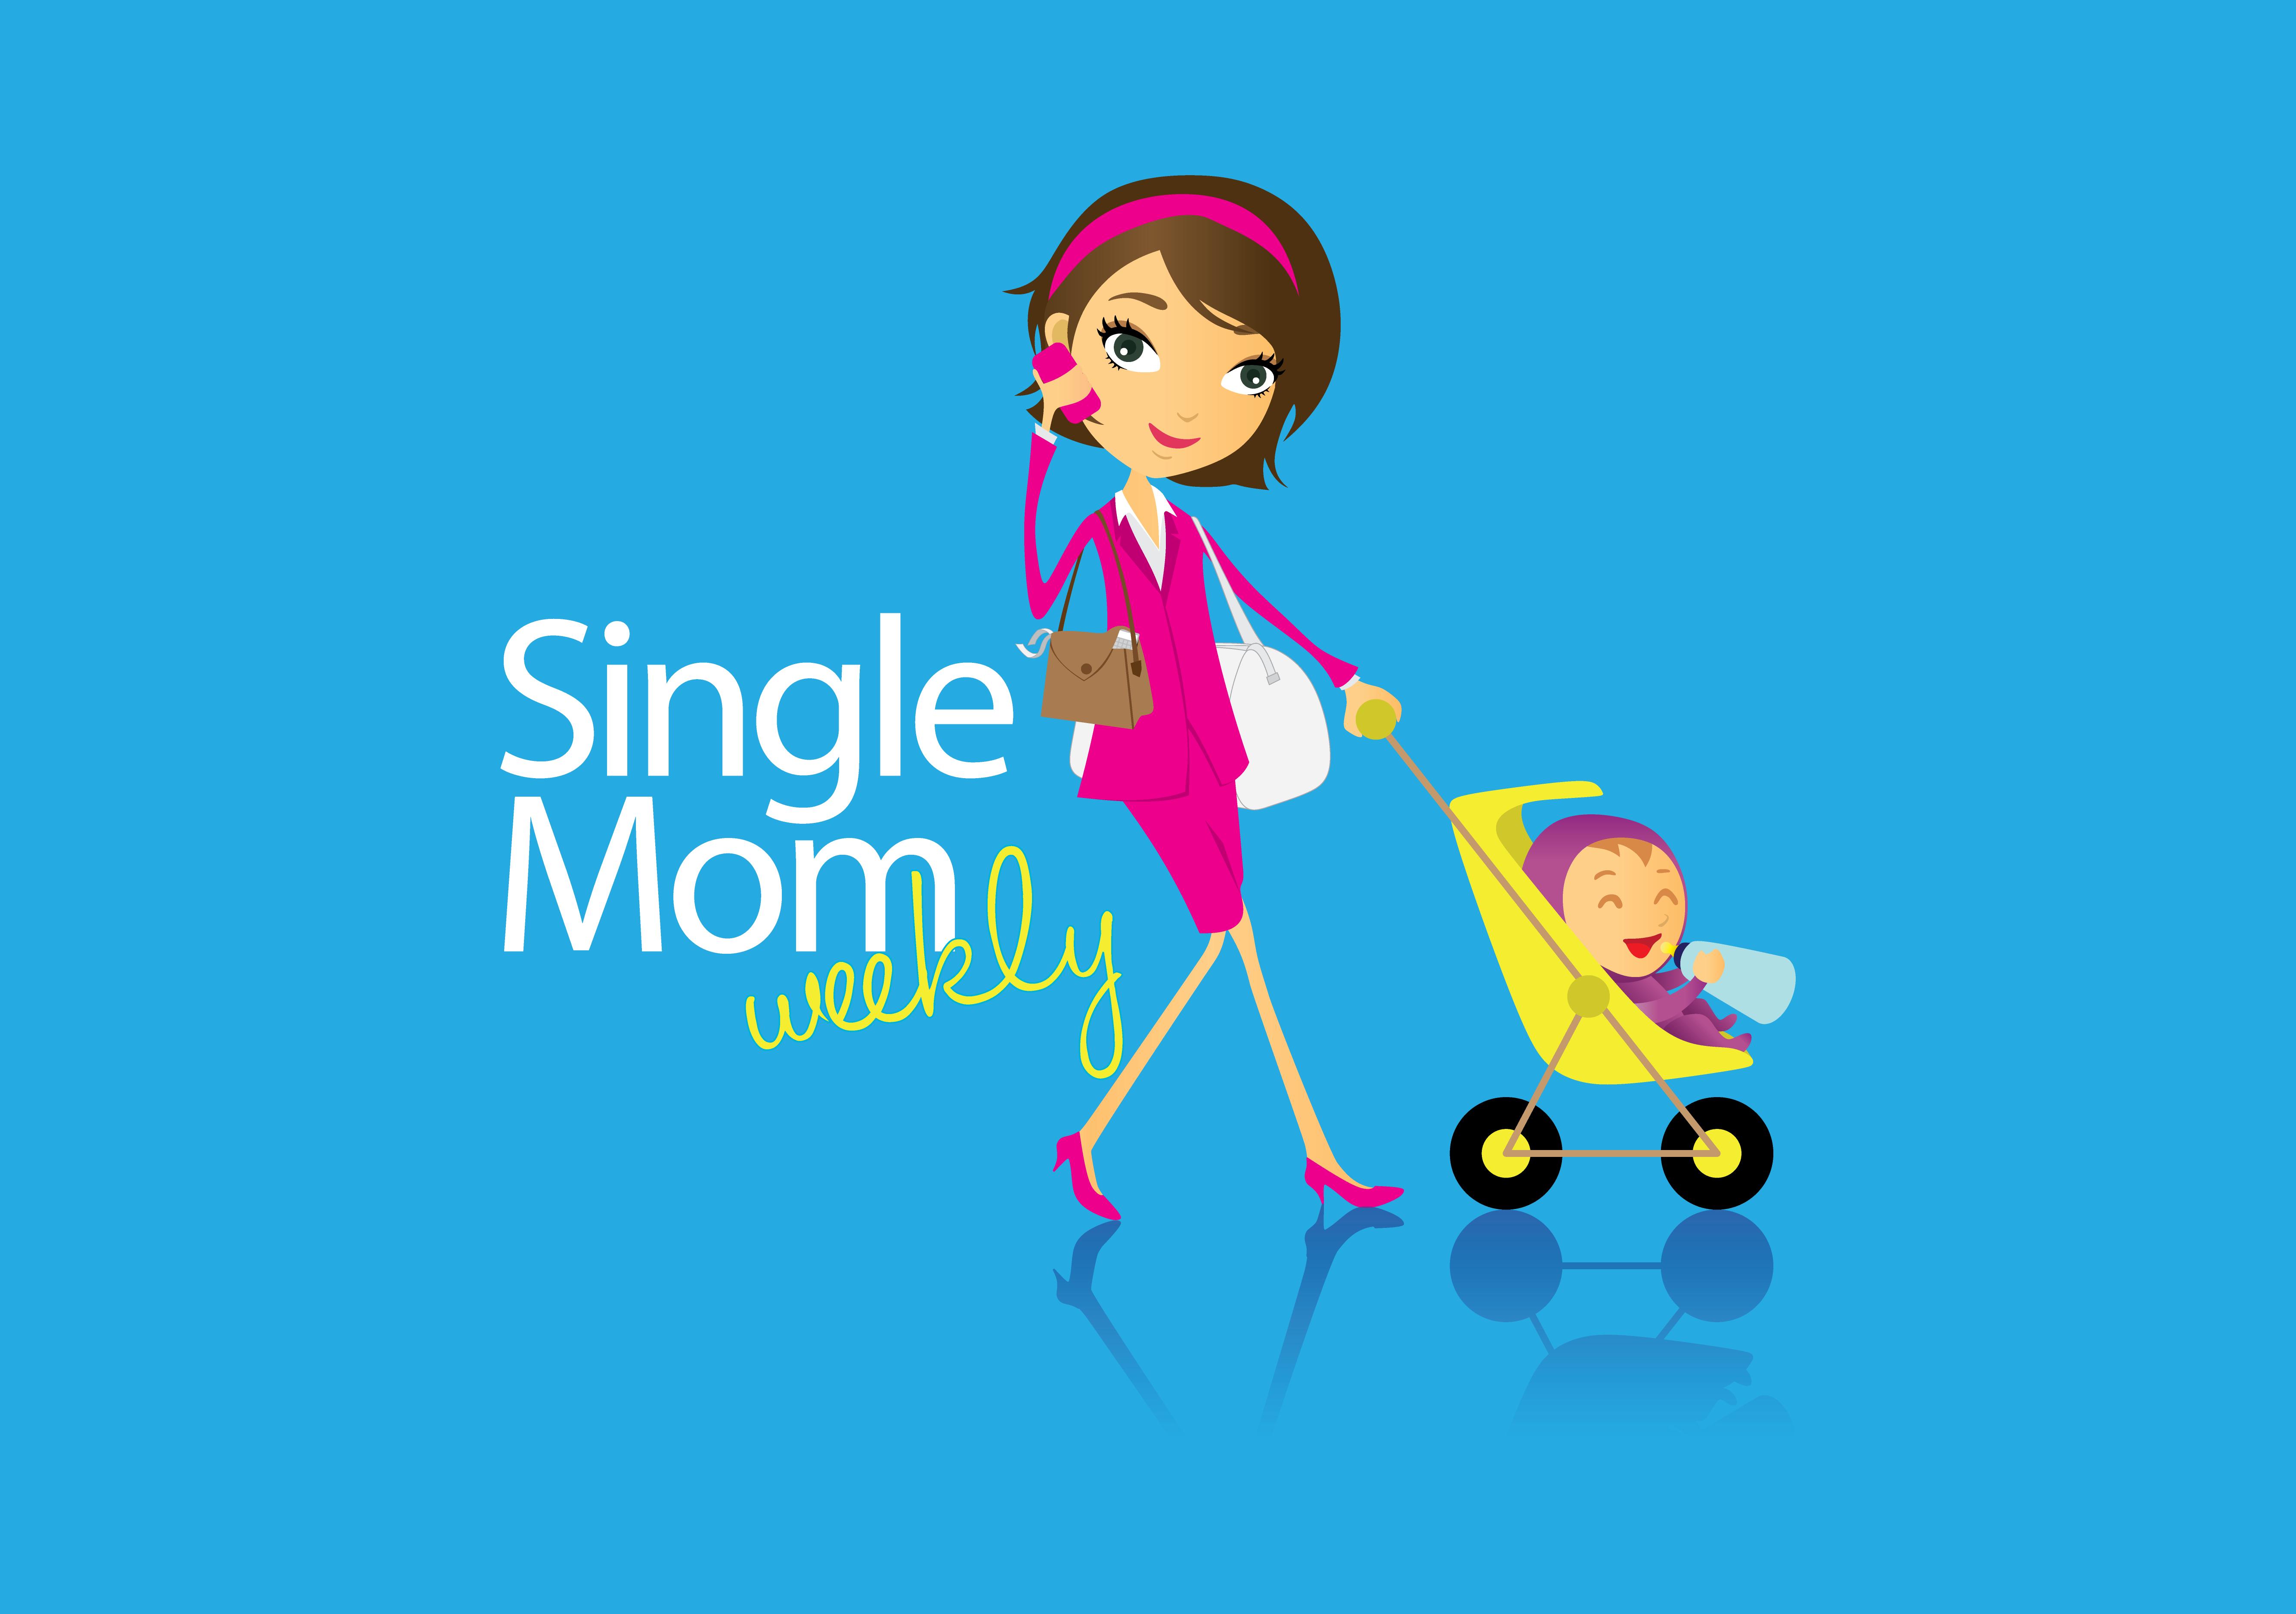 Em là single mom đang mang thai 27 tuần mong được chia sẻ và giúp đỡ